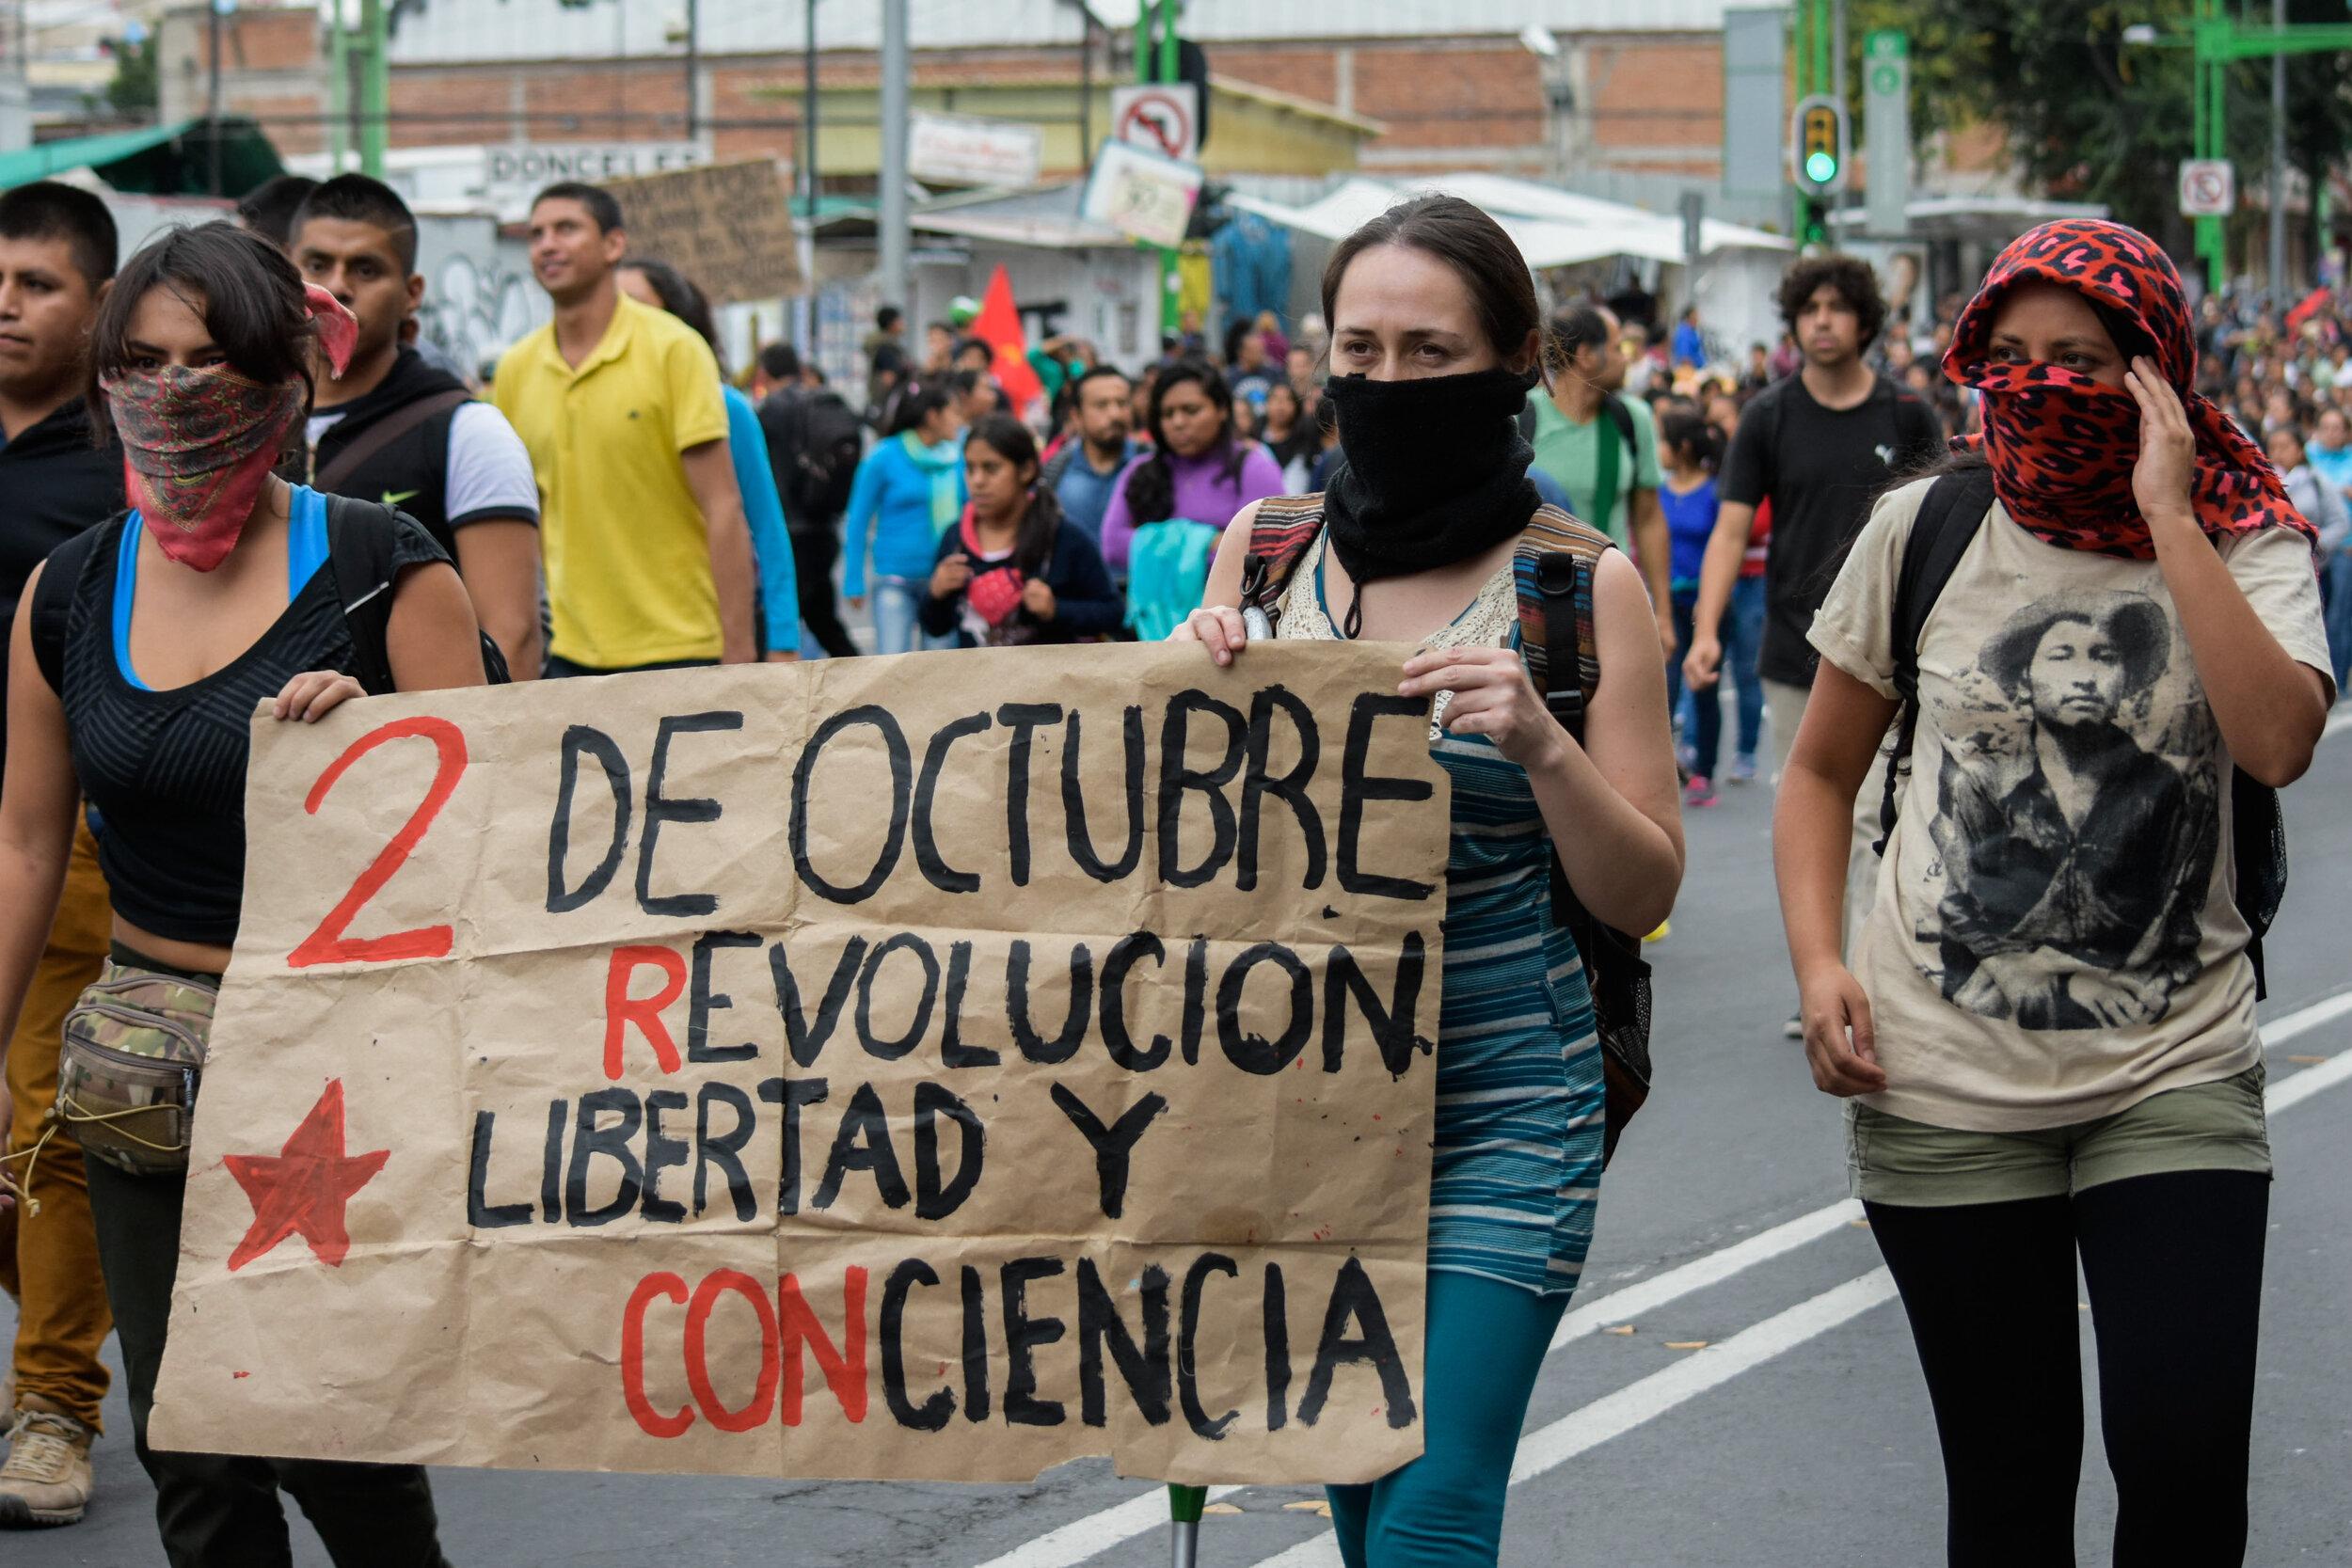 Imagen vía  La Razón.